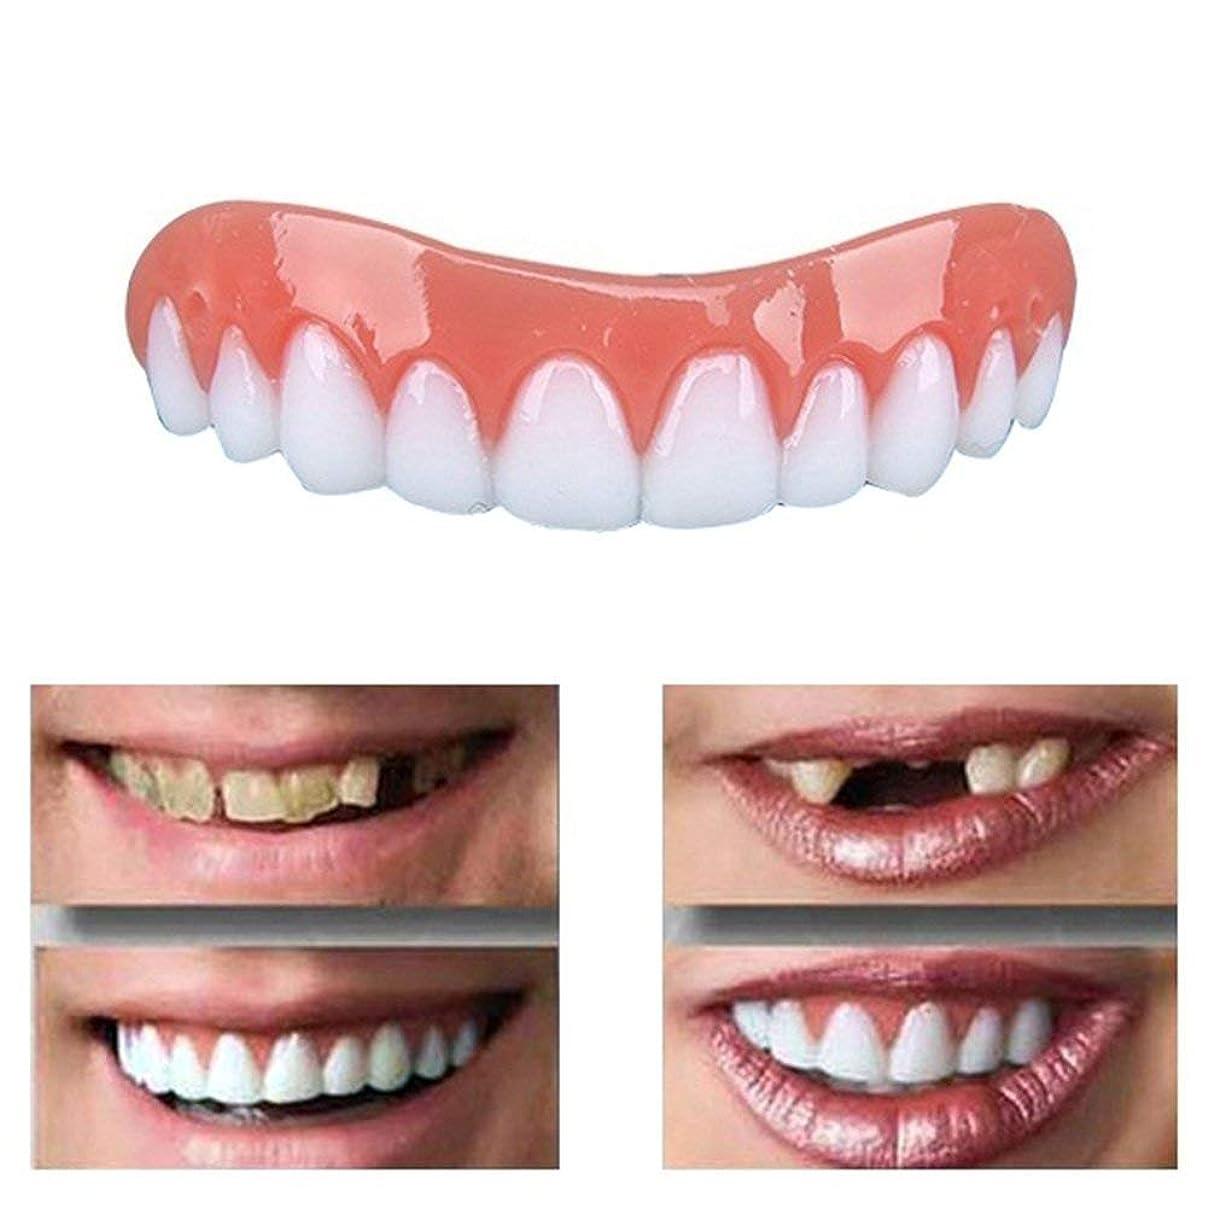 夢中上院議員作曲する20ピースパーフェクトスマイルベニア偽の歯アッパー偽の歯カバースナップオン即時の歯化粧品義歯のケアオーラルケアシリコーンホワイトニング義歯